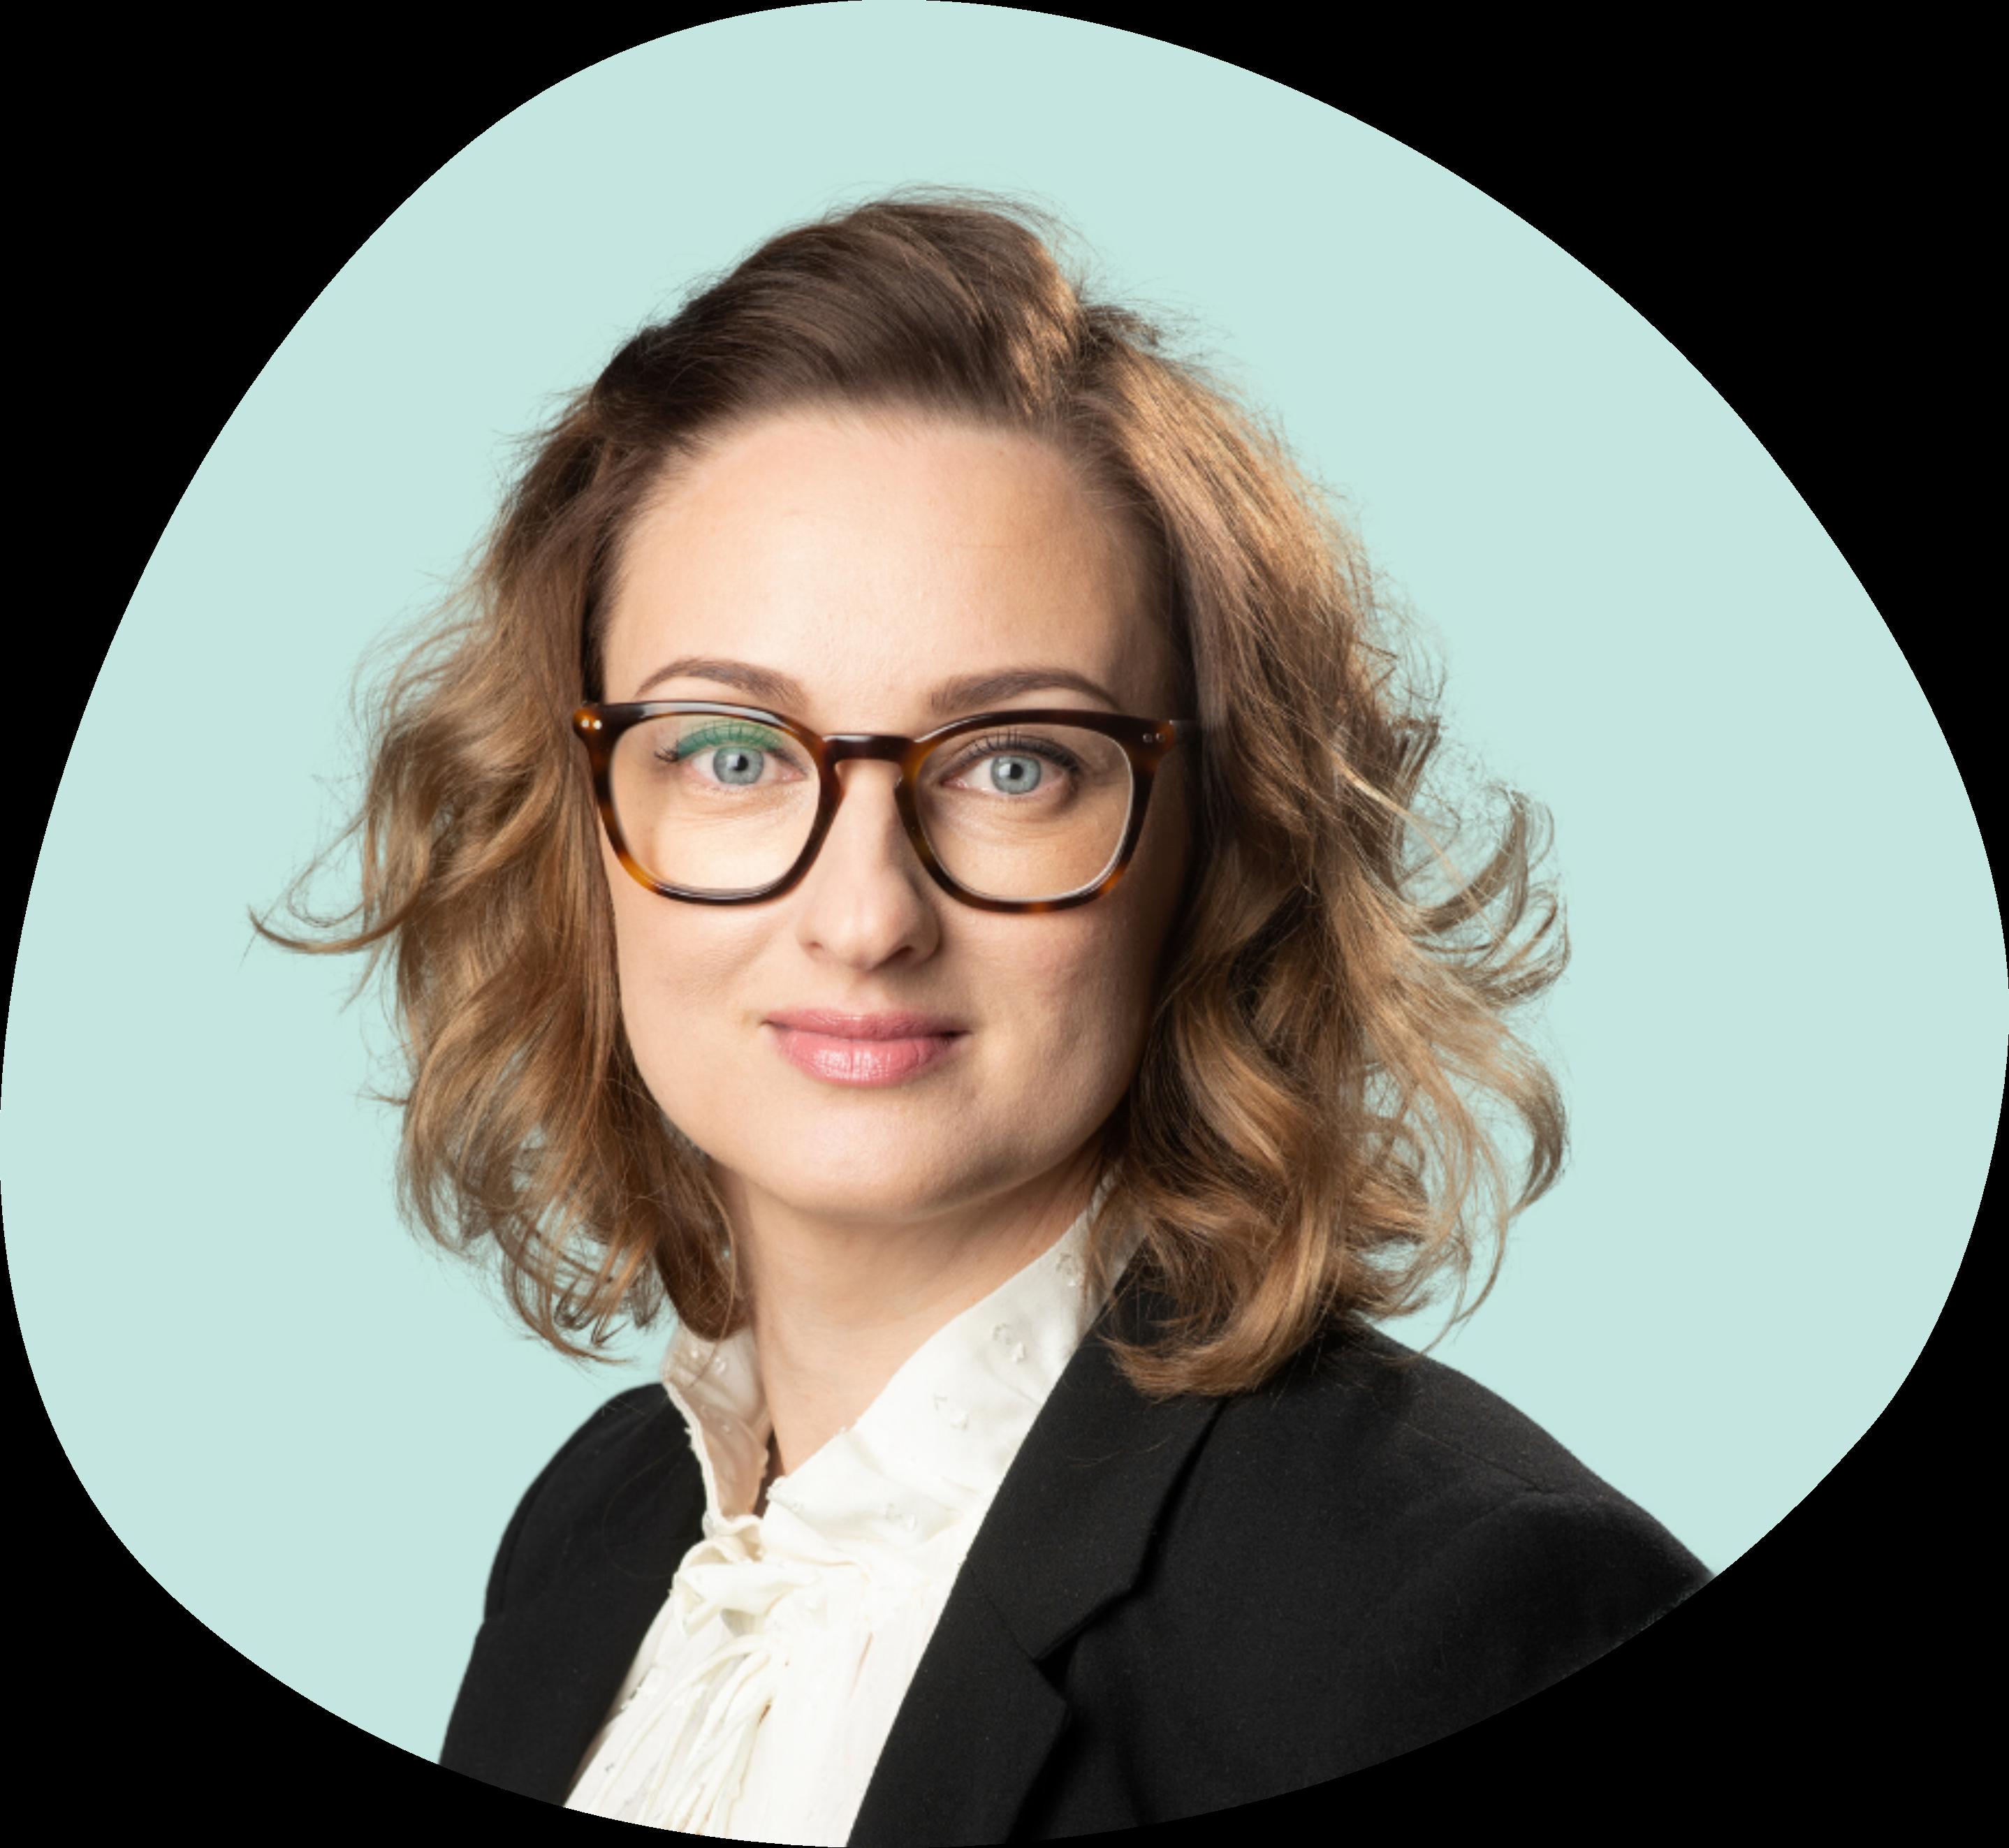 Johanna Säynäjäkangas on toinen yrityksen perustajista, jolla on yli kymmenen vuoden kokemus osaamisen ja liiketoiminnan kehittämisen projekteista sekä niiden johtamisesta.